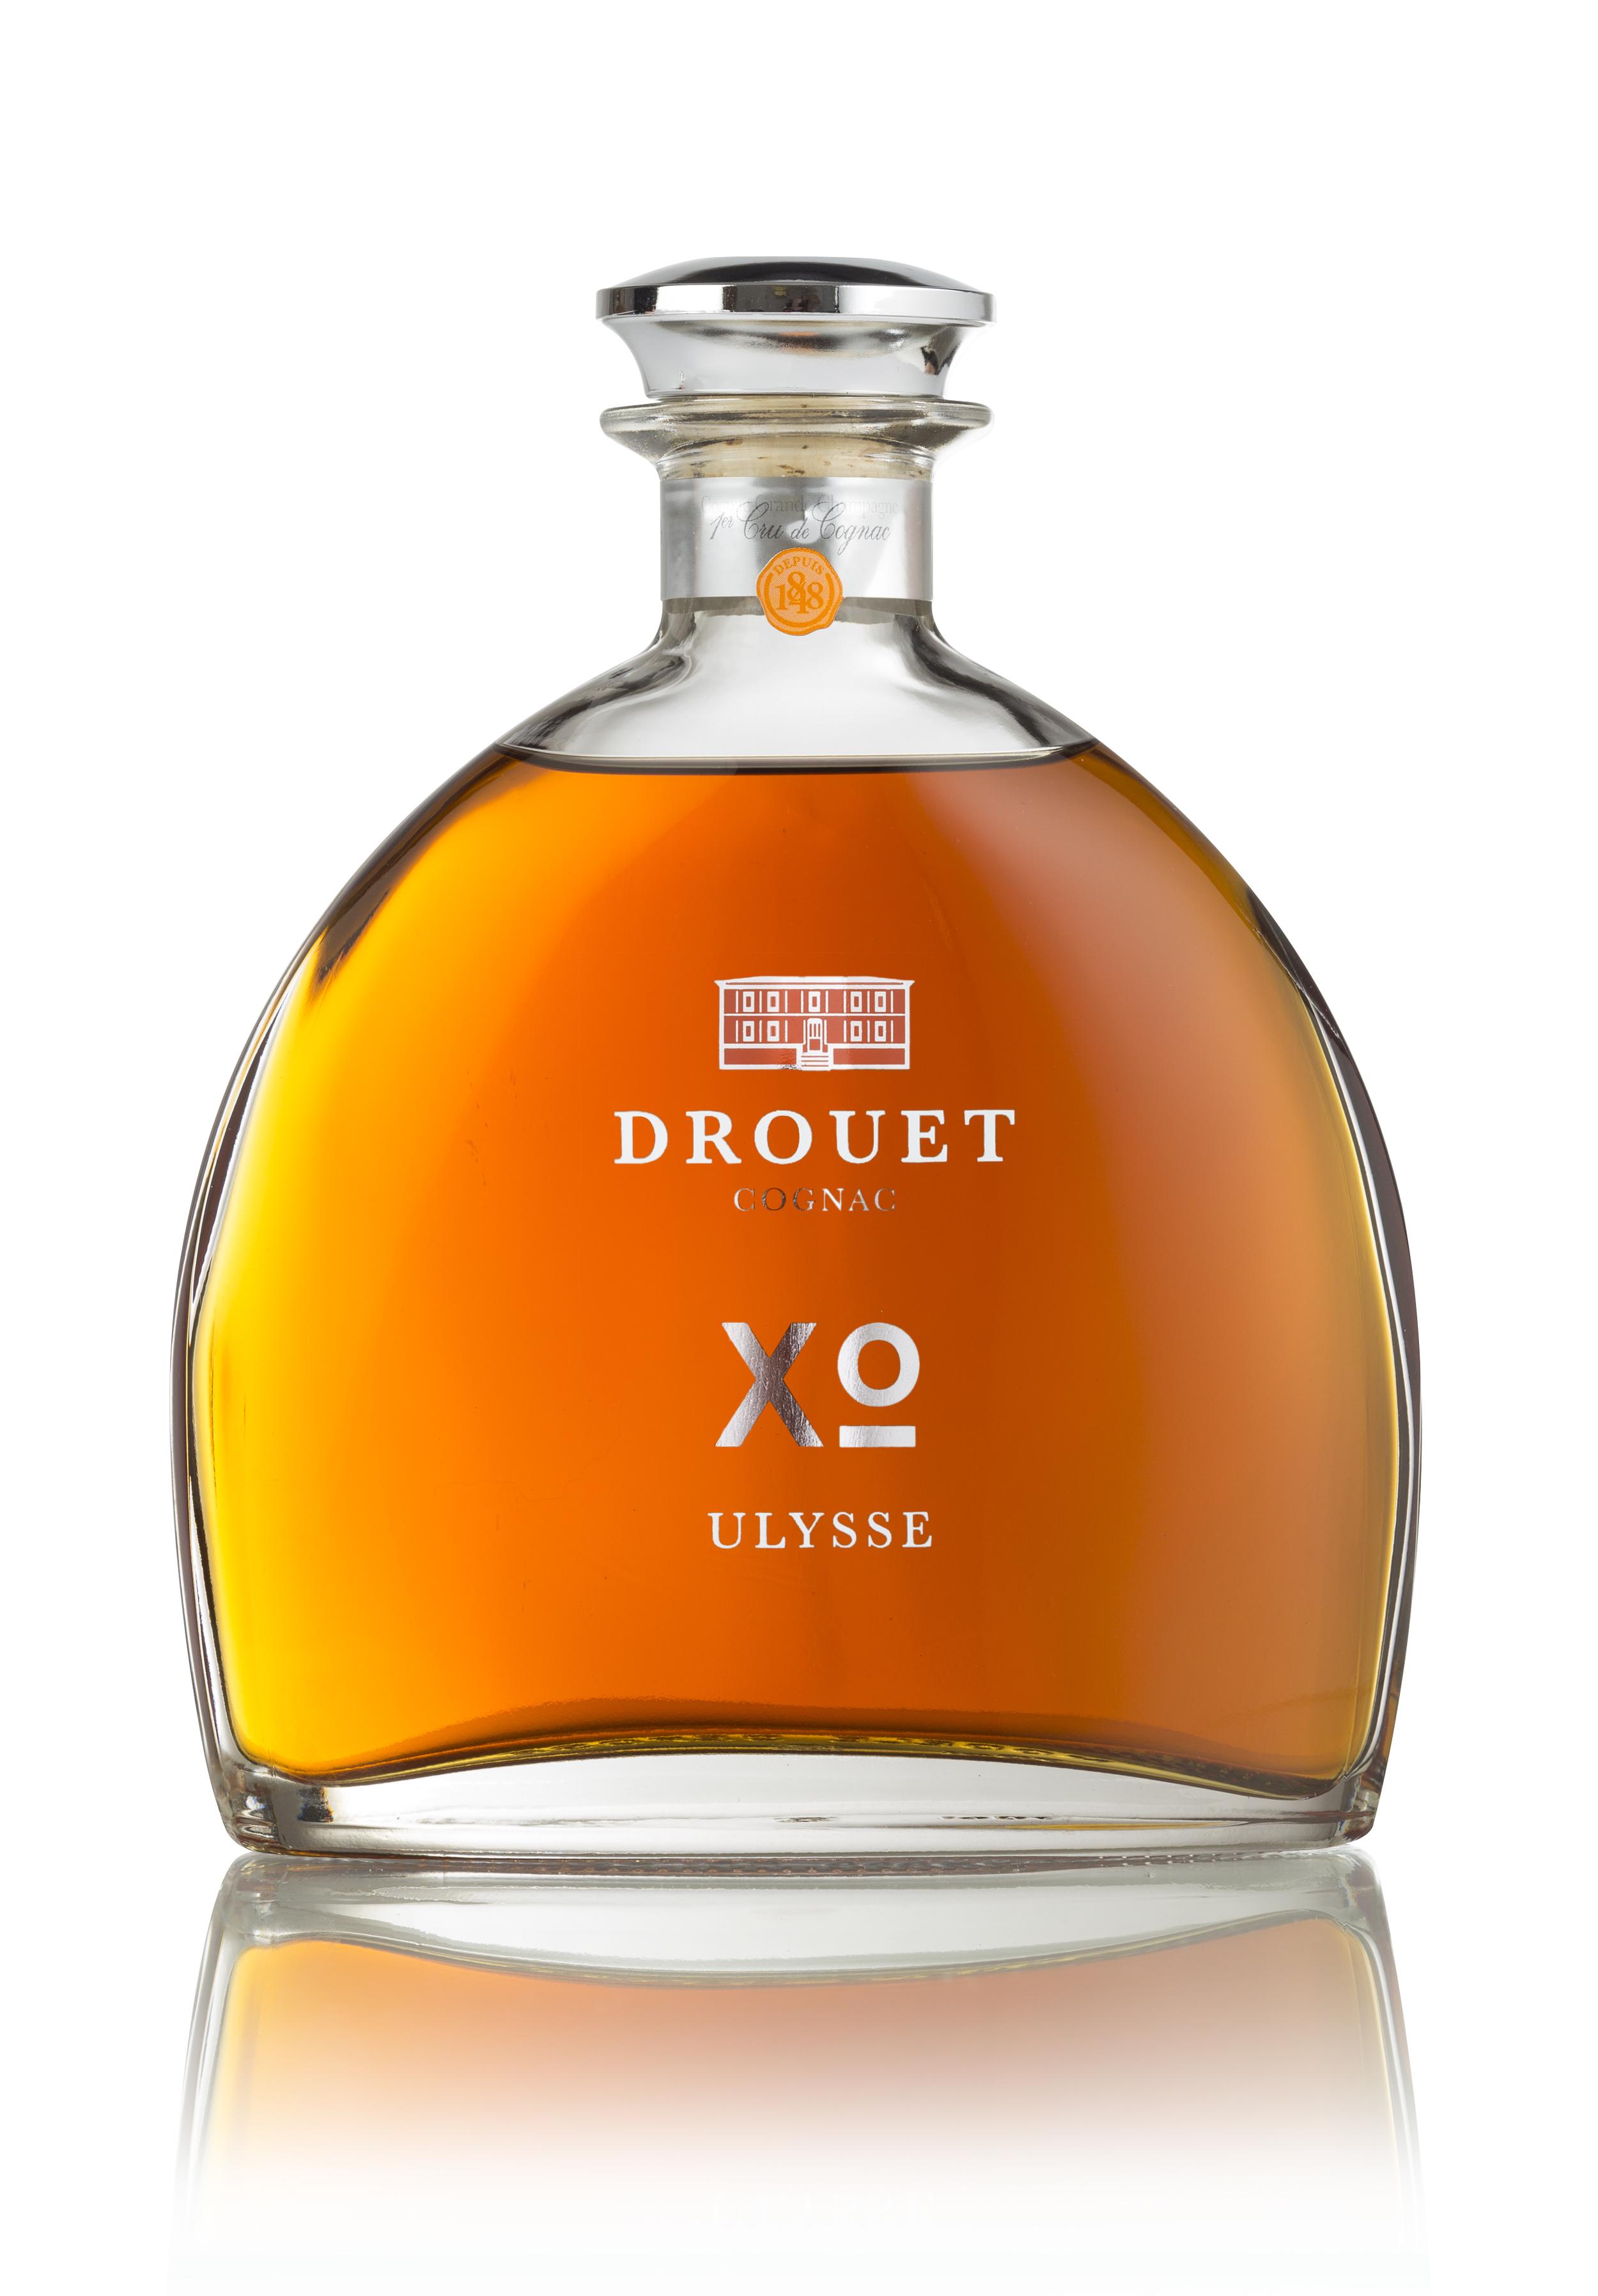 DROUET_XO Ulysse (2).jpg